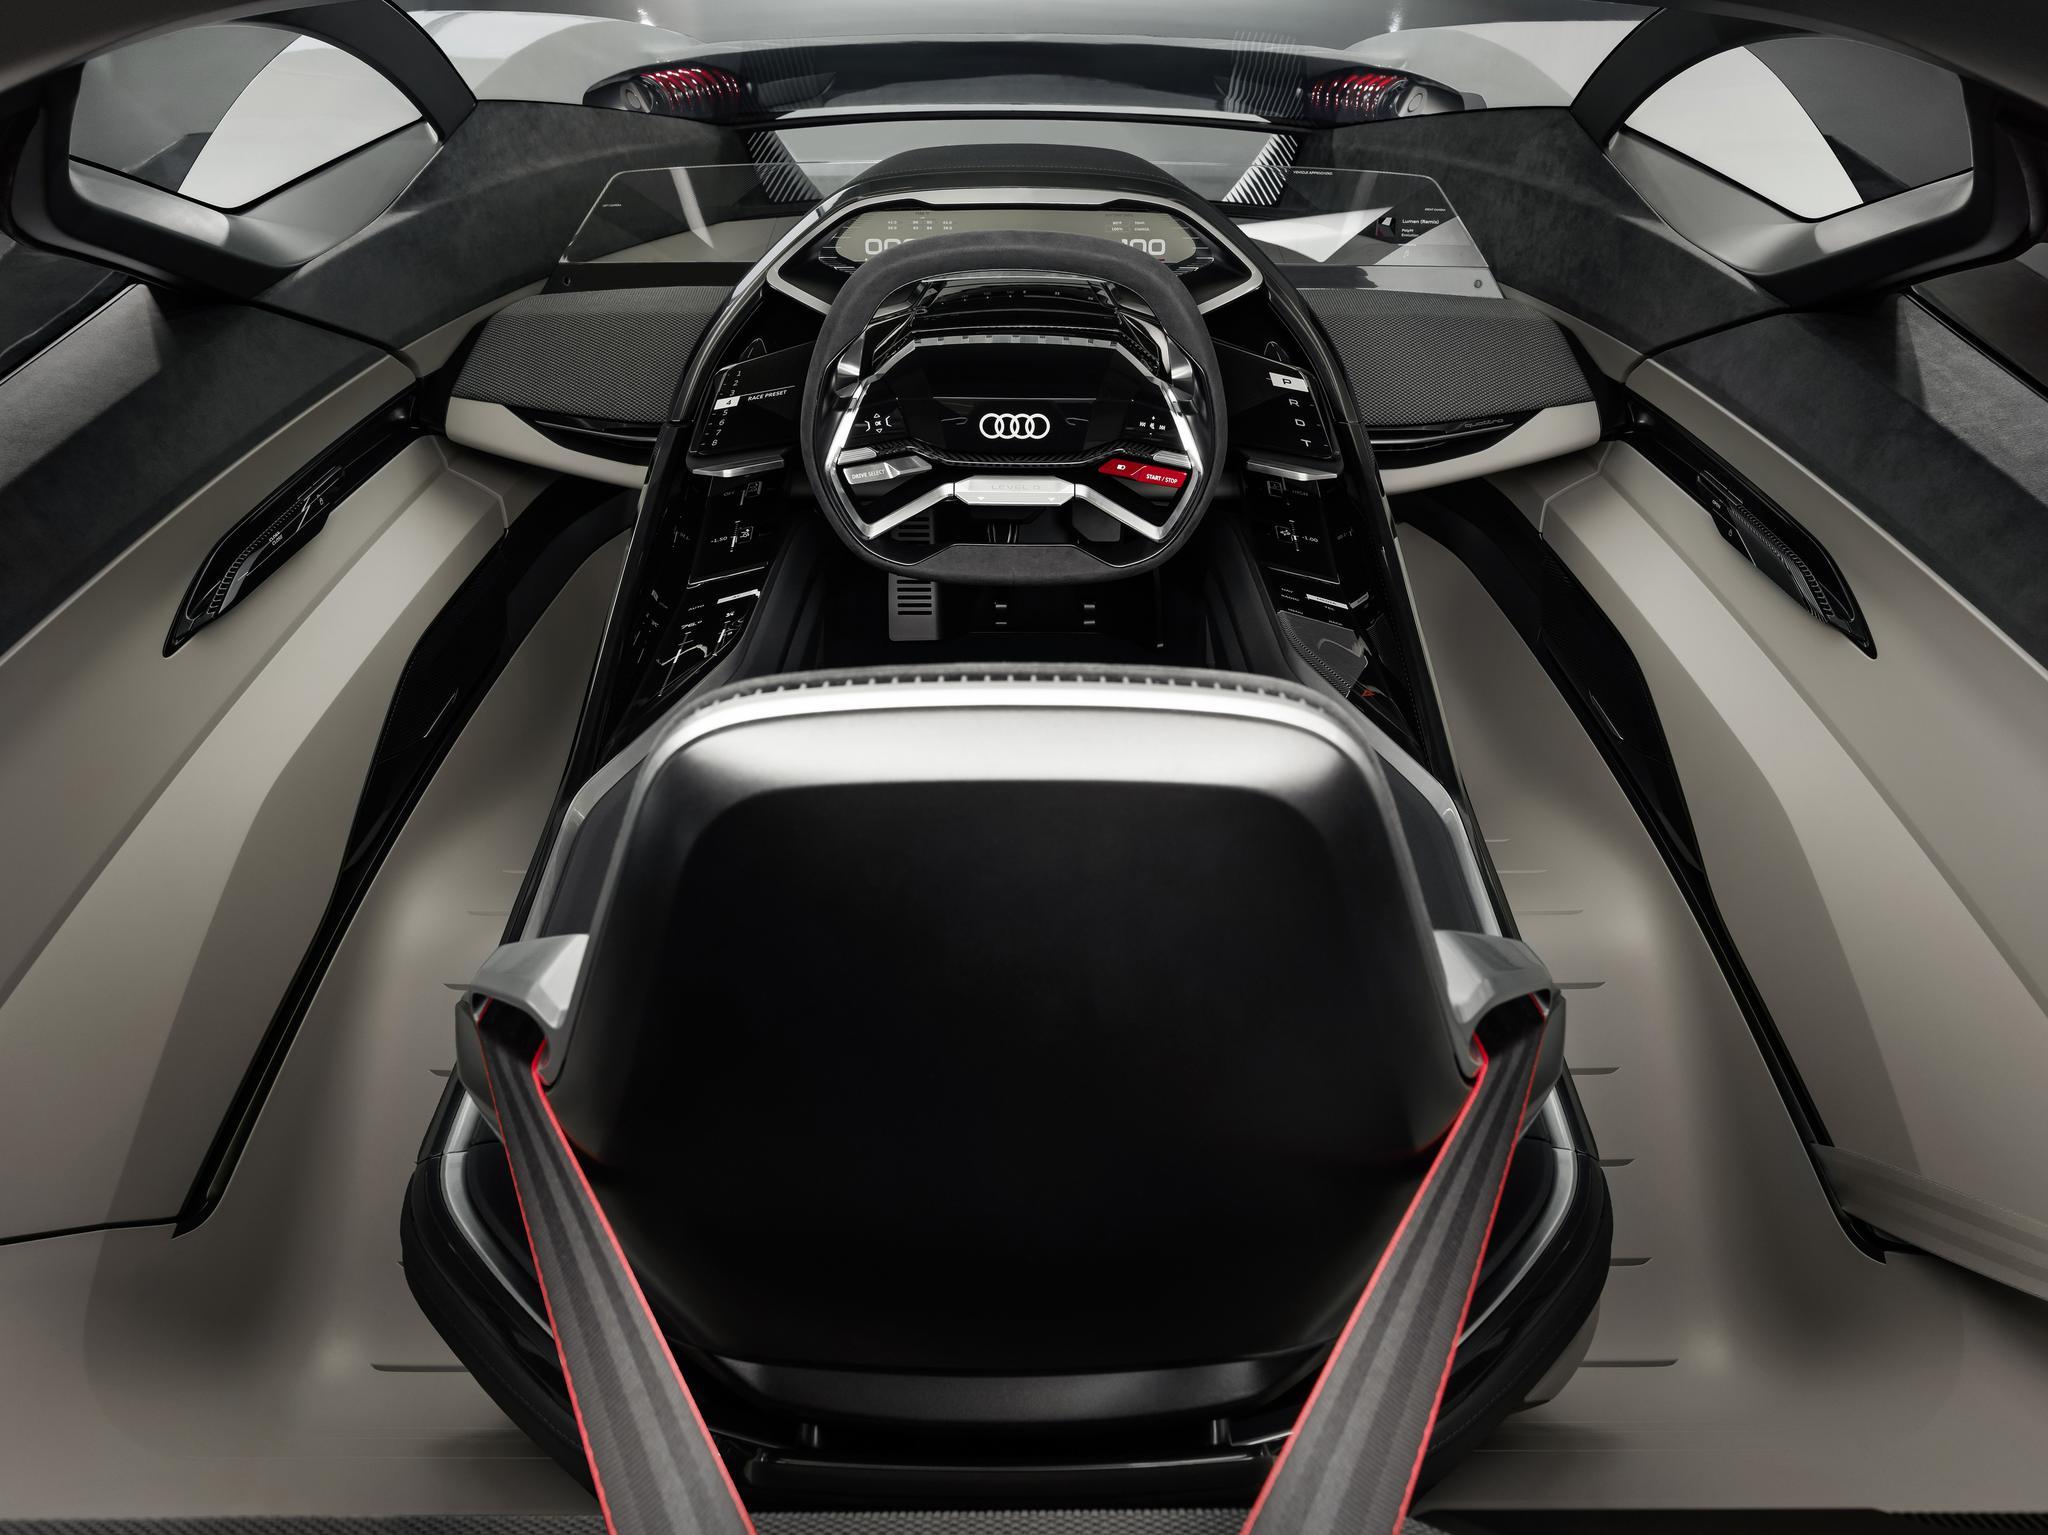 驾驶座舱可移动,奥迪PB18 e-tron概念车全球首秀